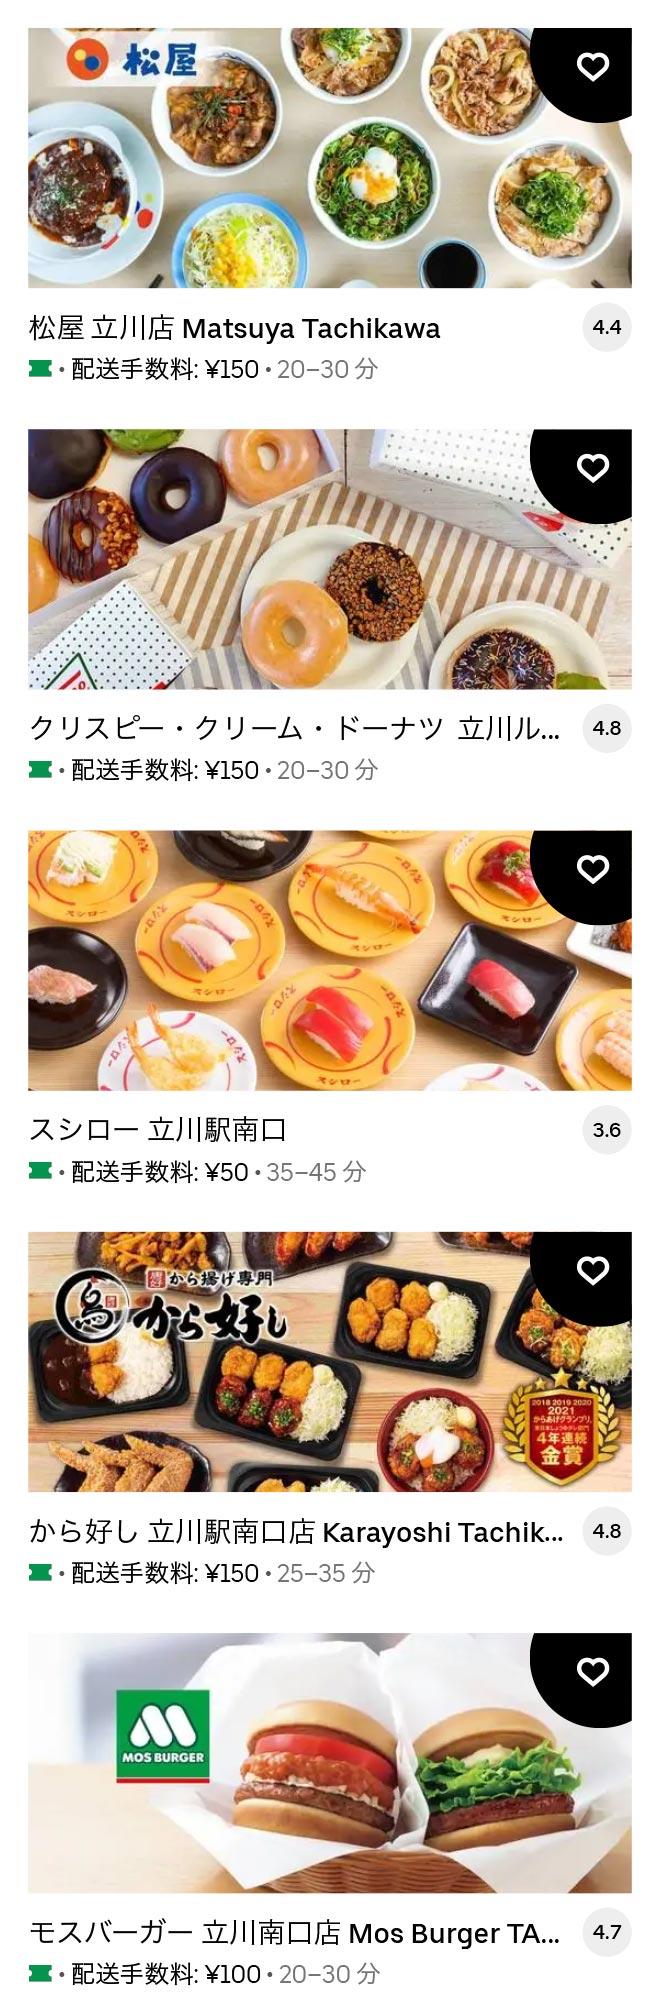 U tachikawa 2106 03